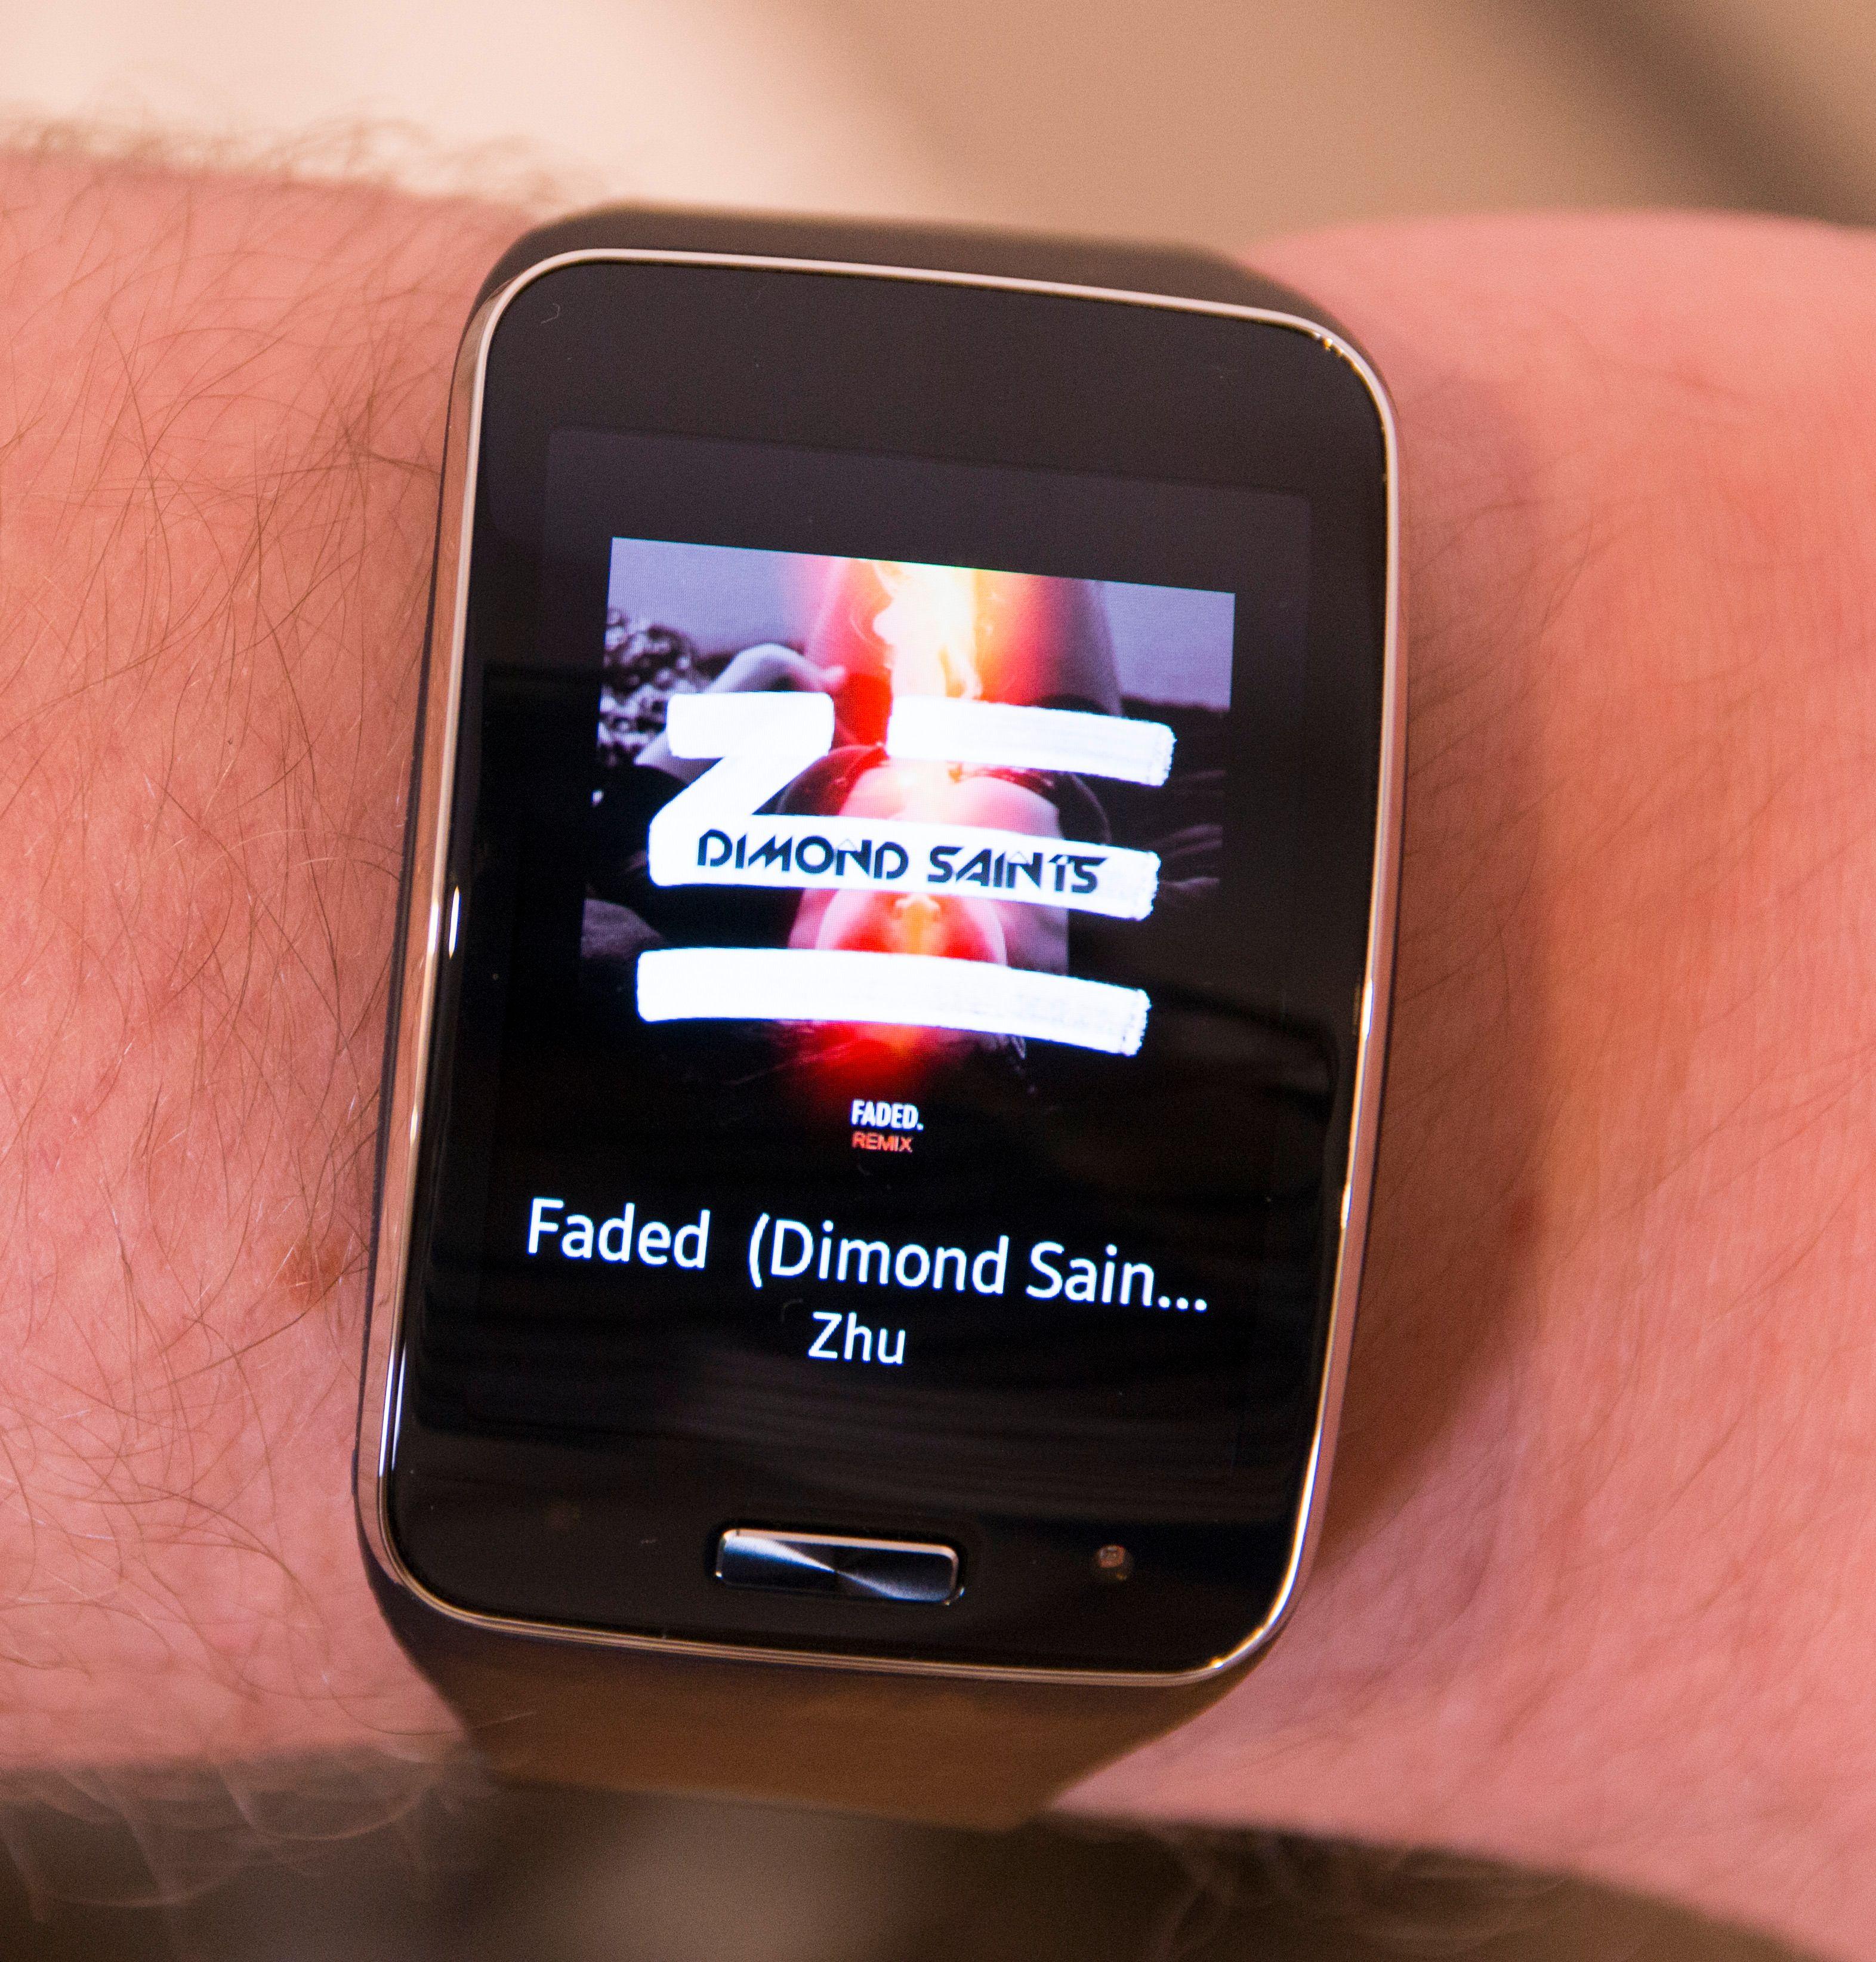 Gear S har naturligvis musikkstyring. Til vanlig viser den hva du spiller, men ett ekstra tapp gir deg styringsmuligheter.Foto: Kurt Lekanger, Tek.no